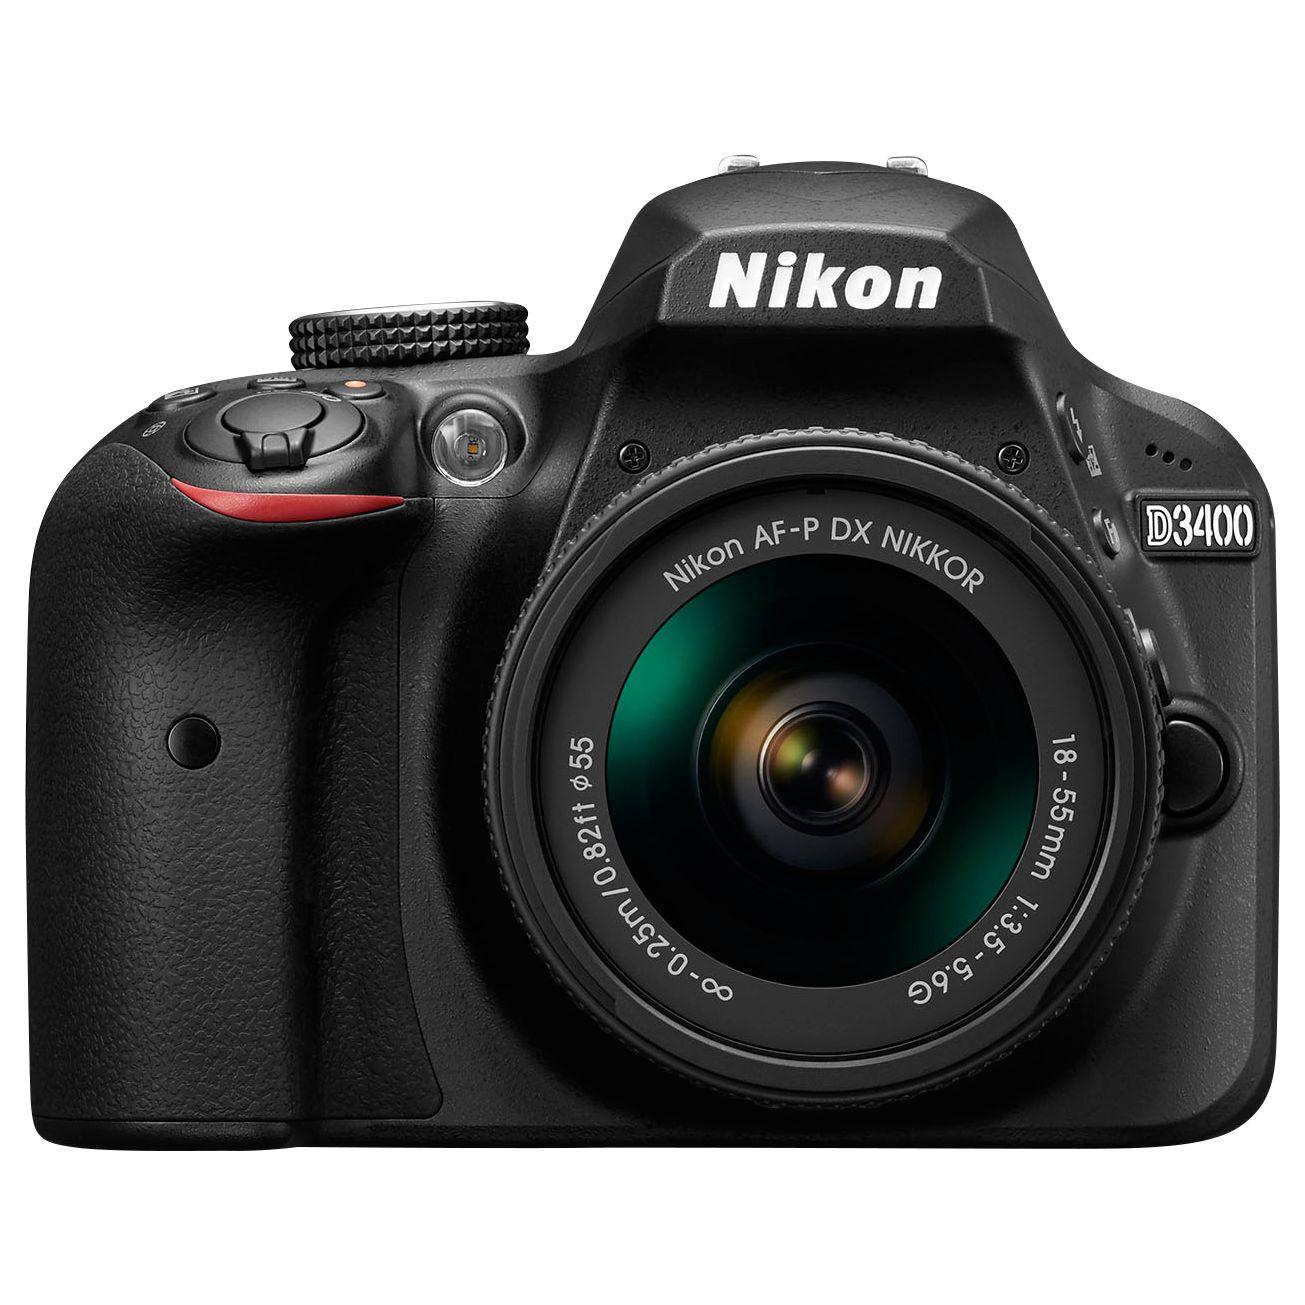 Nikon Nikon D3400 Digital SLR Camera with 18-55mm Lens, HD 1080p, 24.2MP, Optical ViewFinder, 3 LCD Monitor, Black